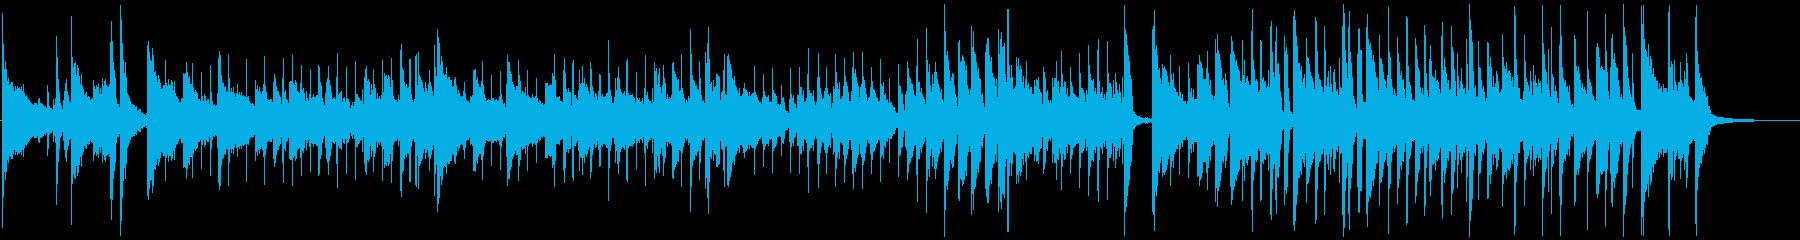 爽やかピアノジャズ 短めな企業用映像にの再生済みの波形